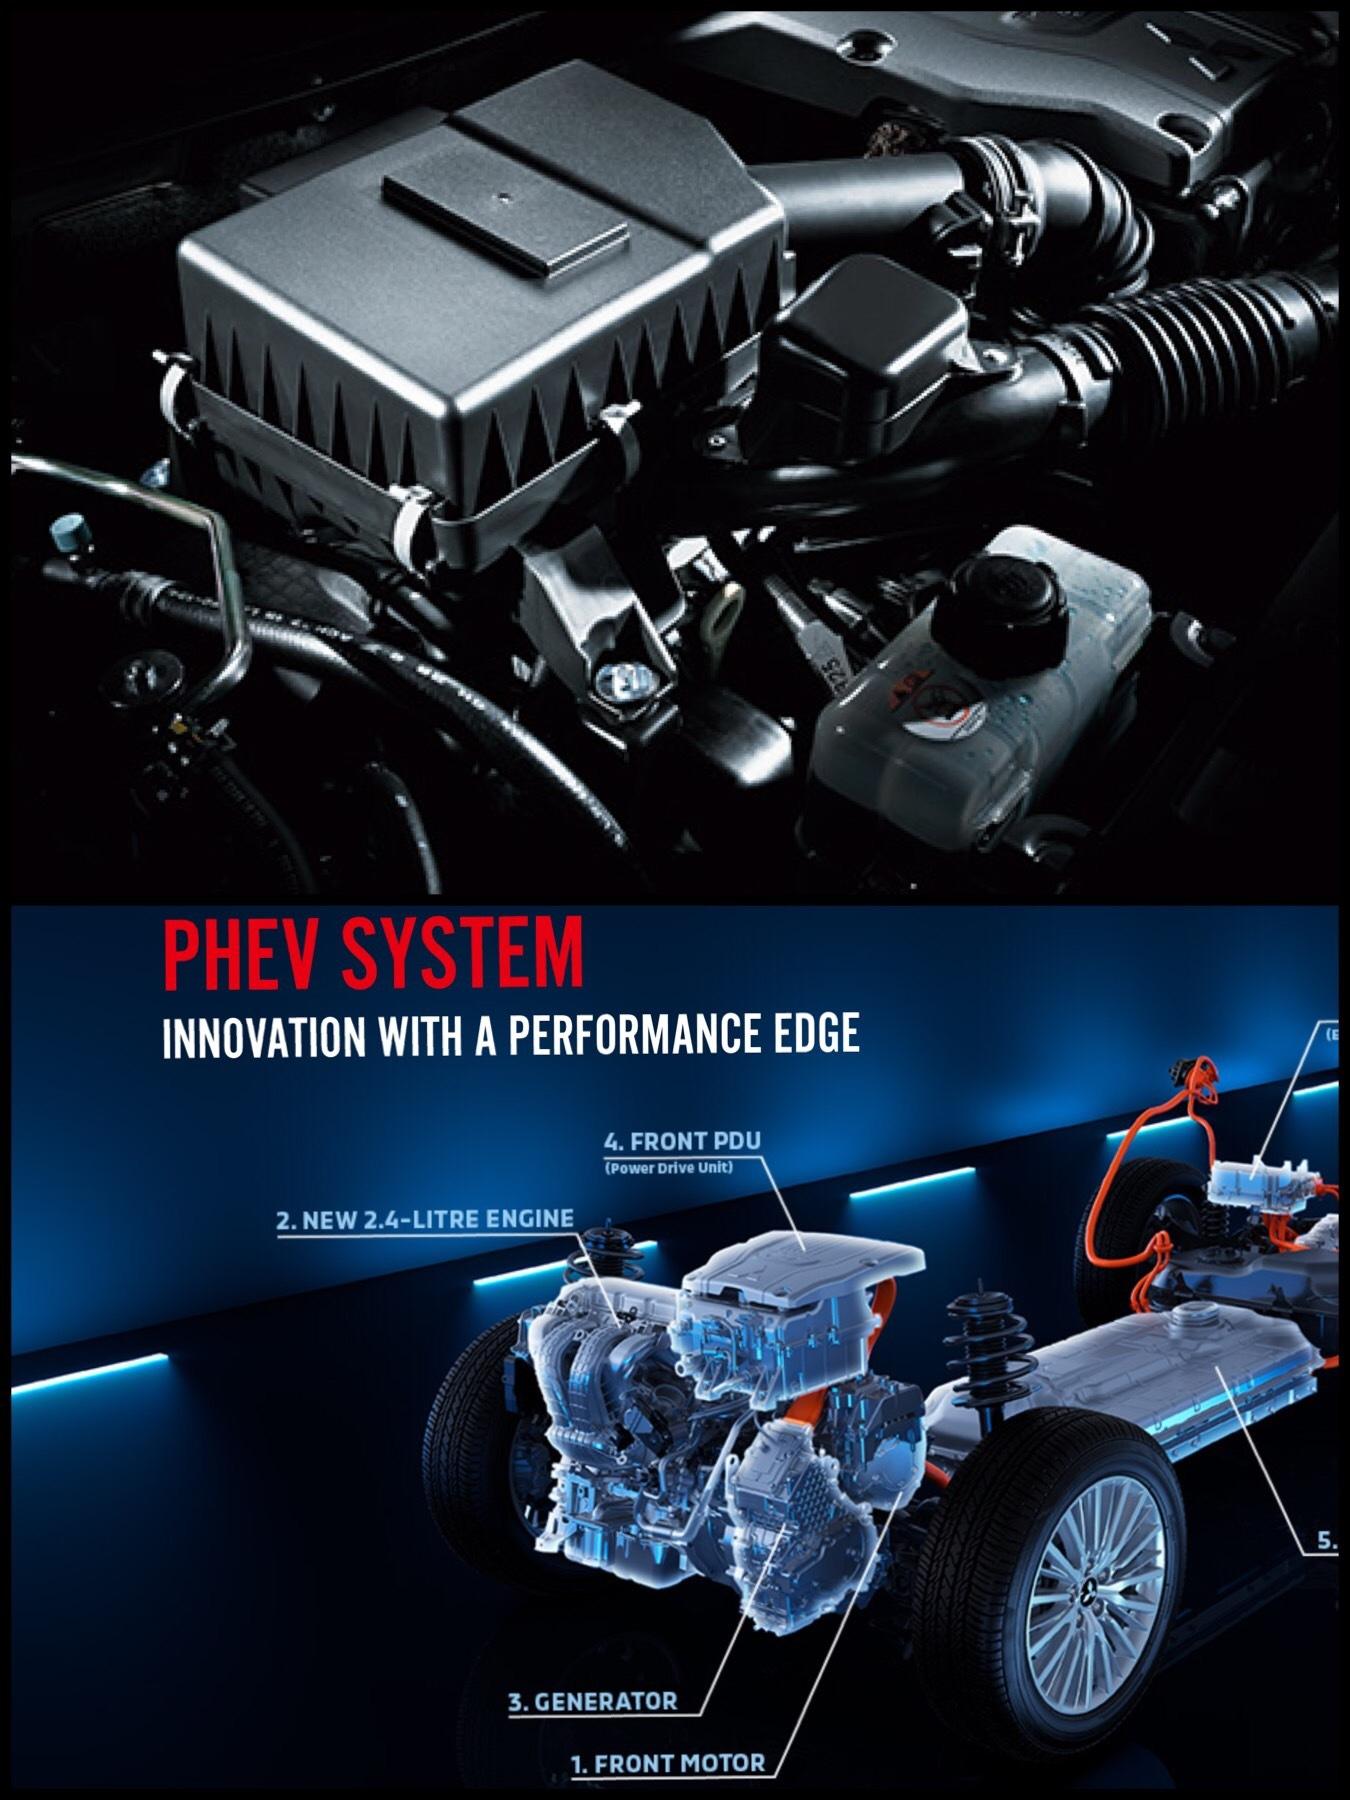 アウトランダーPHEV2019モデル採用 2.4L MIVECエンジン